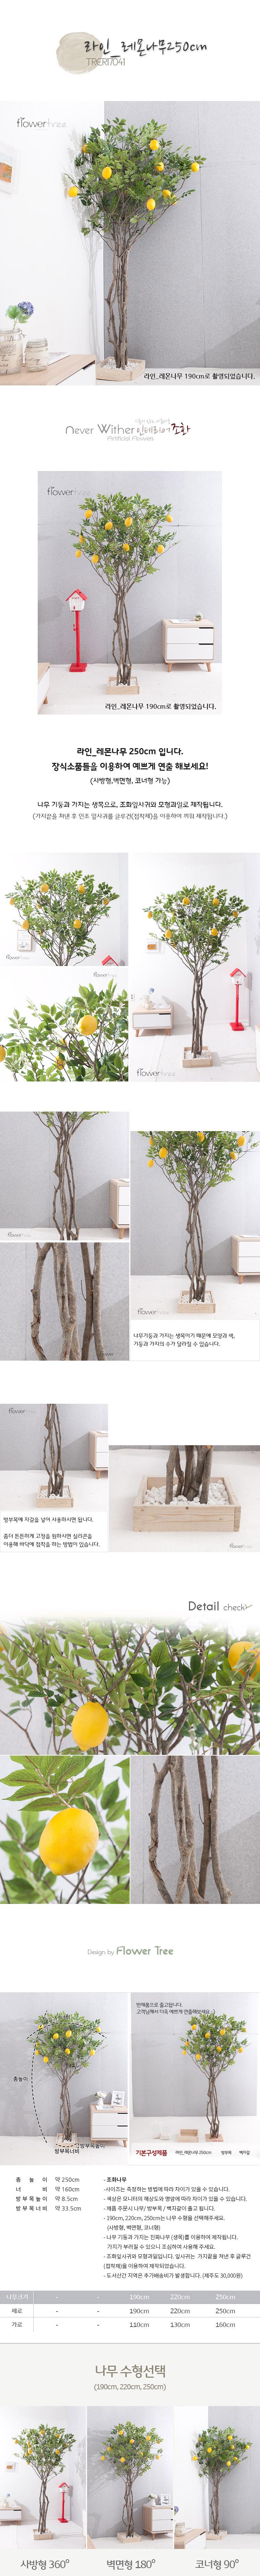 라인_레몬나무 250cm FREOFT - 플라워트리, 365,700원, 조화, 인조목